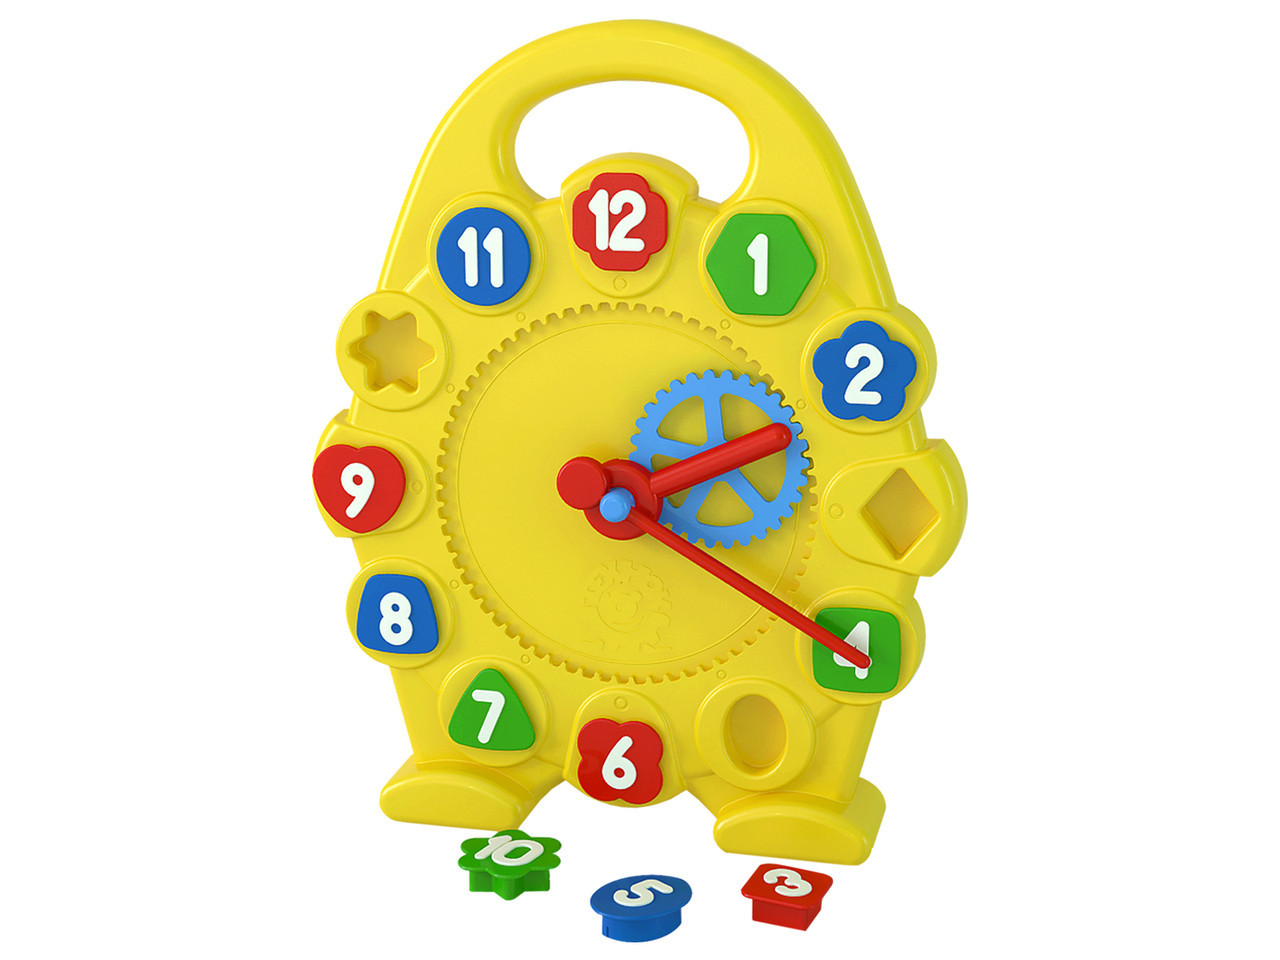 3046 Игрушка часы для изучения времени Технок, развивающие игры